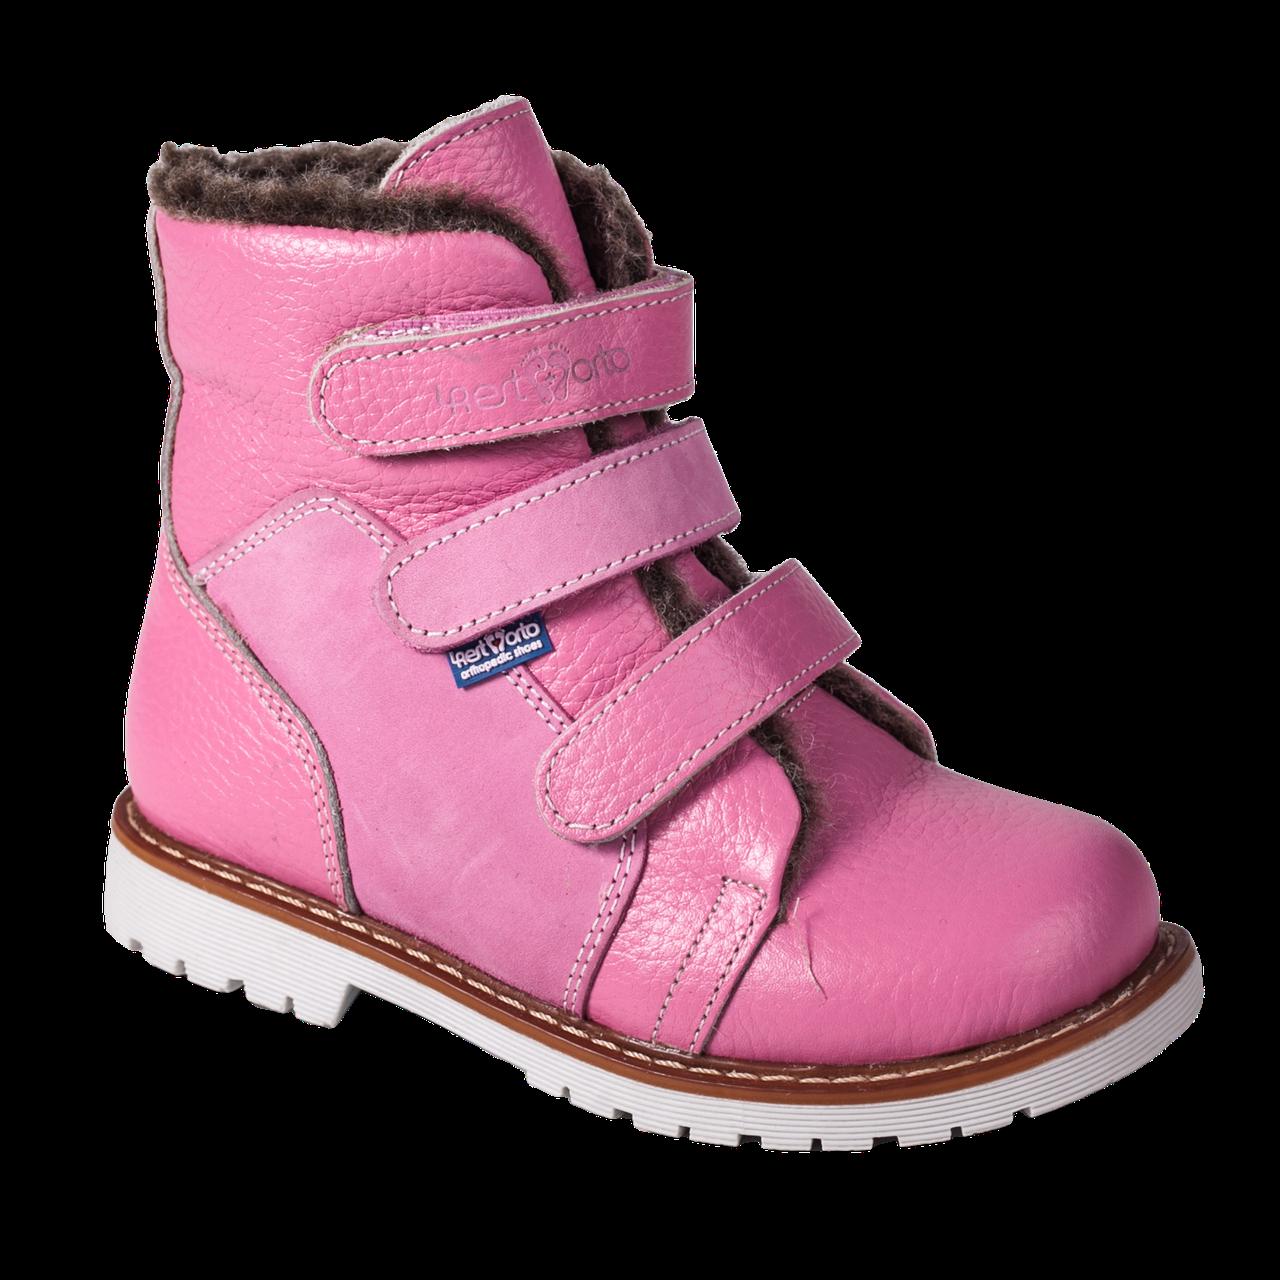 Ортопедические ботинки  зимние 06-754 р. 21-30